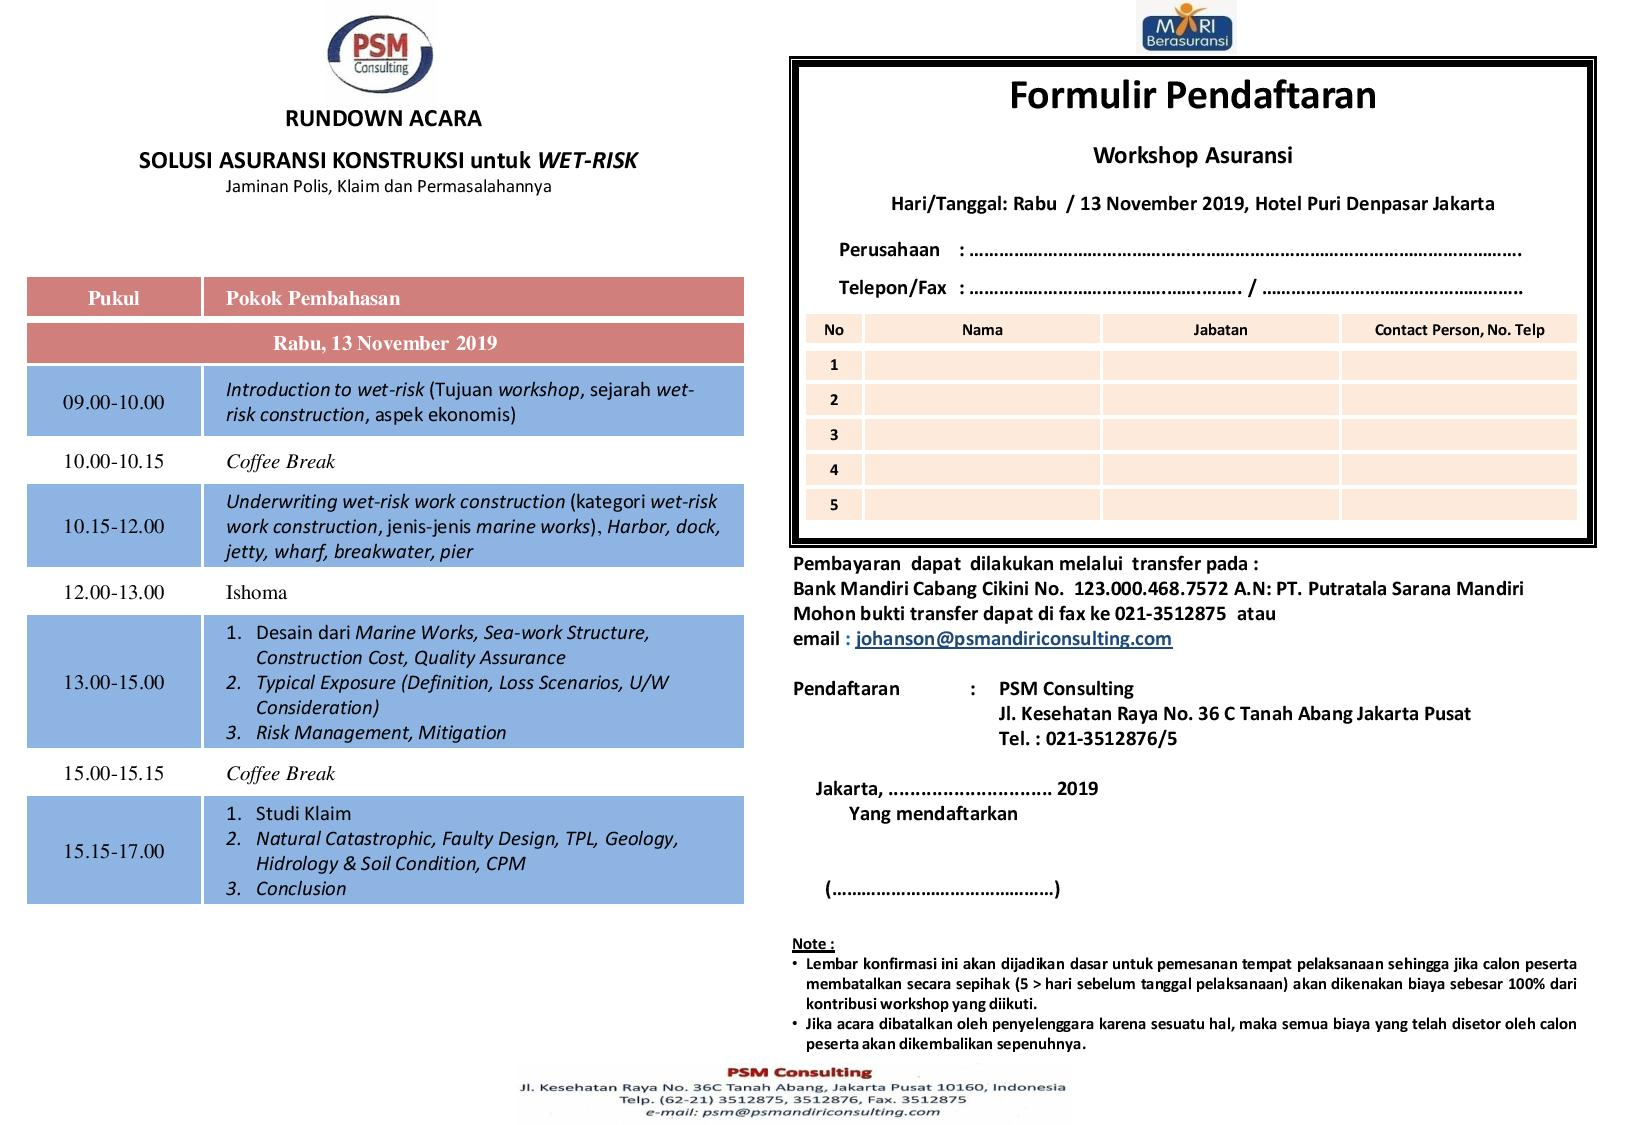 brosur-solusi-asuransi-konstruksi-wet-risk-converted-page-002